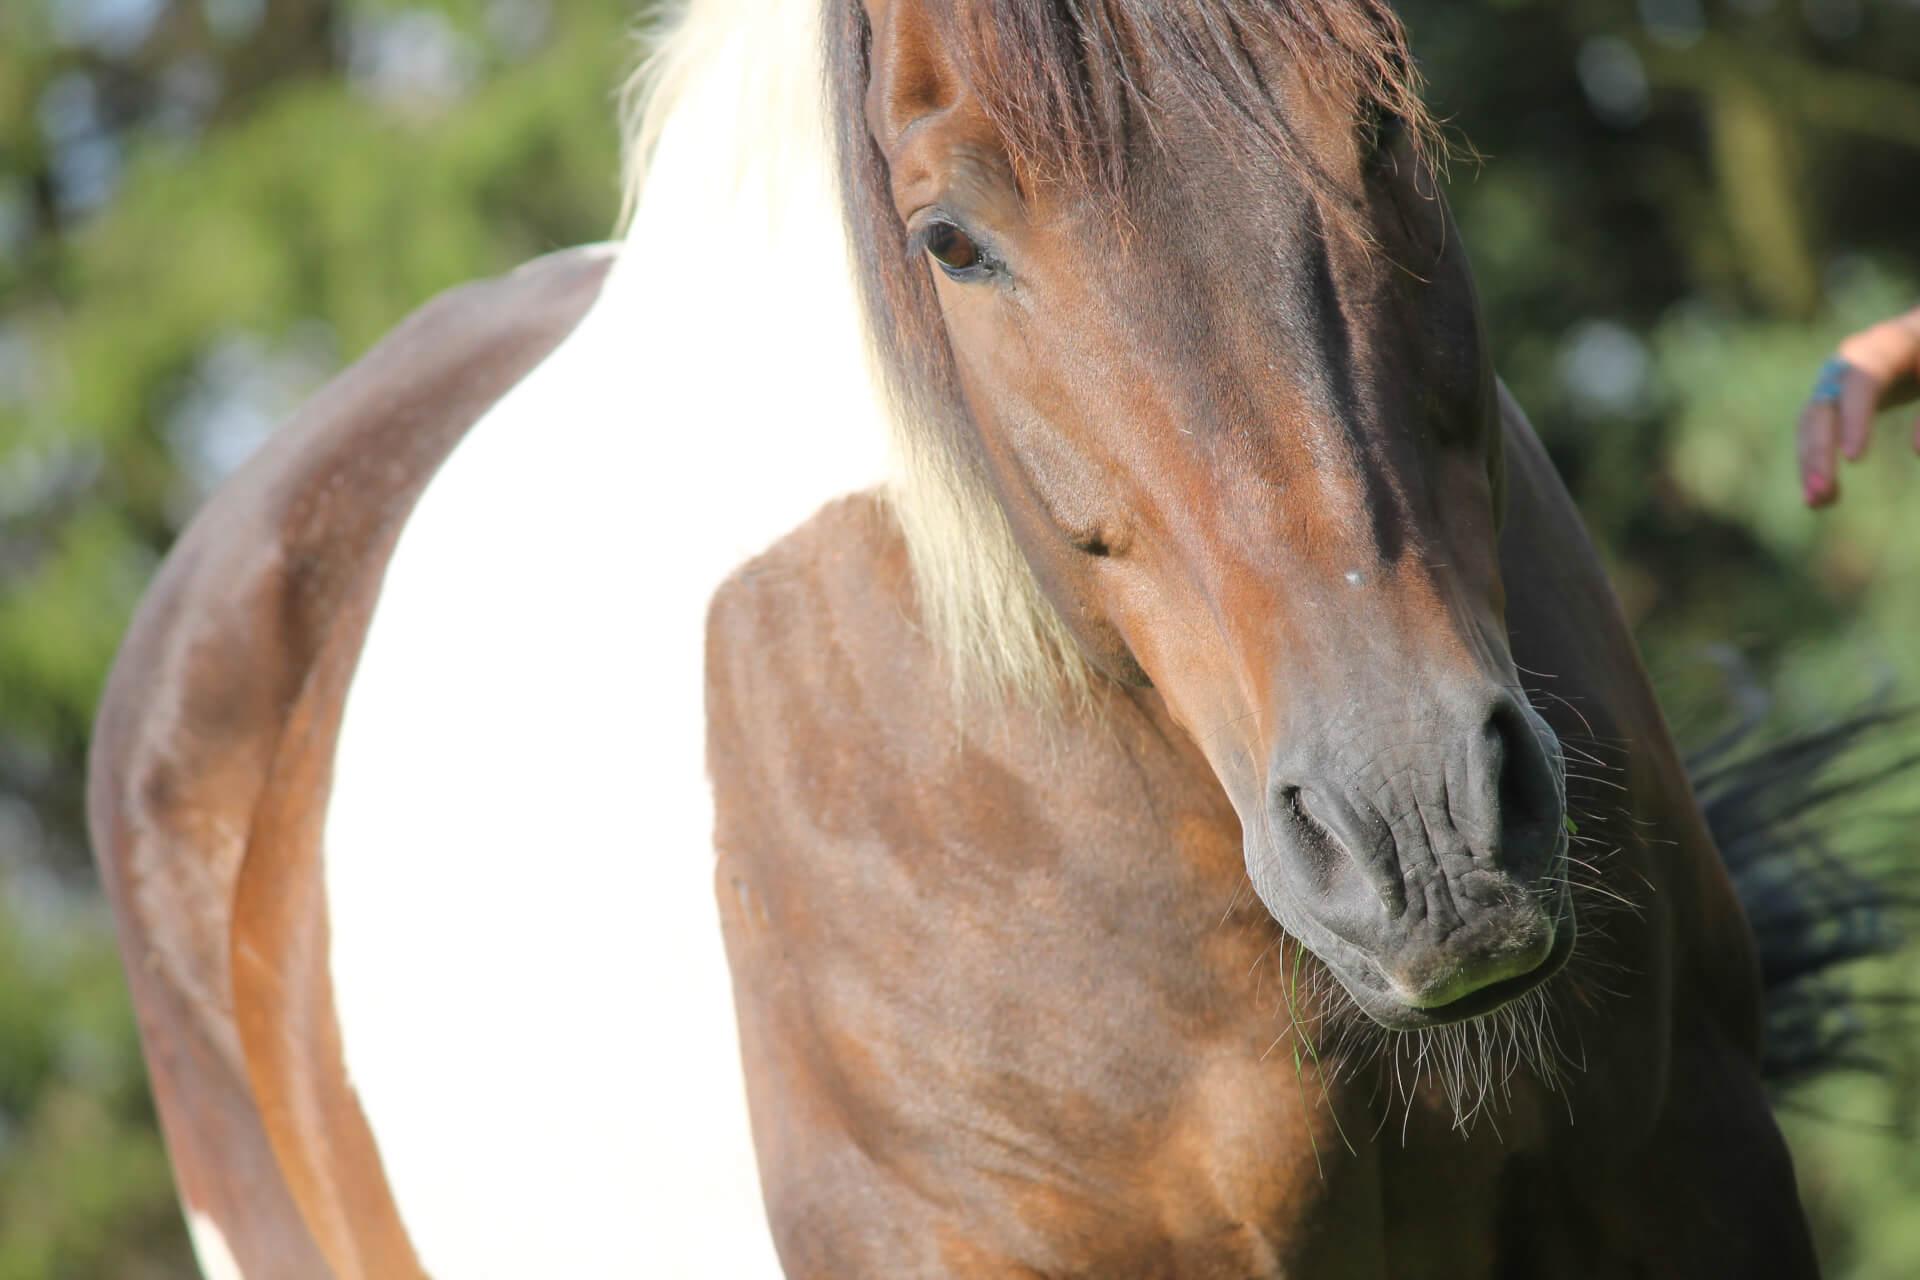 Paardencoaching, equitherapie, therapie met paarden, coaching met paarden